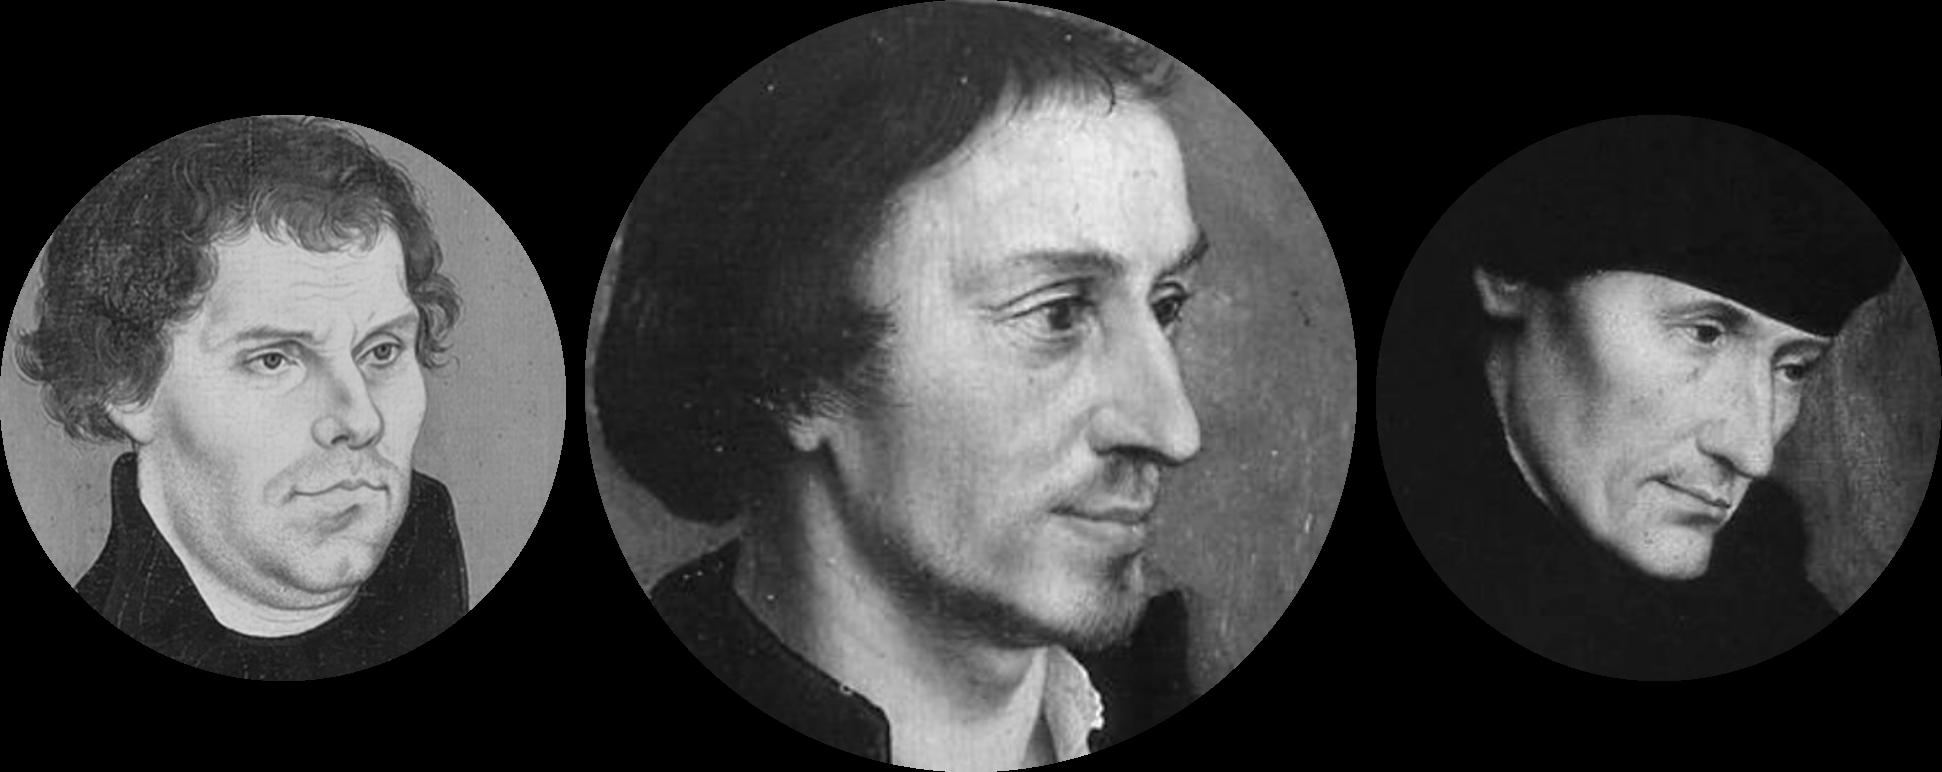 Luther, Melanchthon, Erasmus